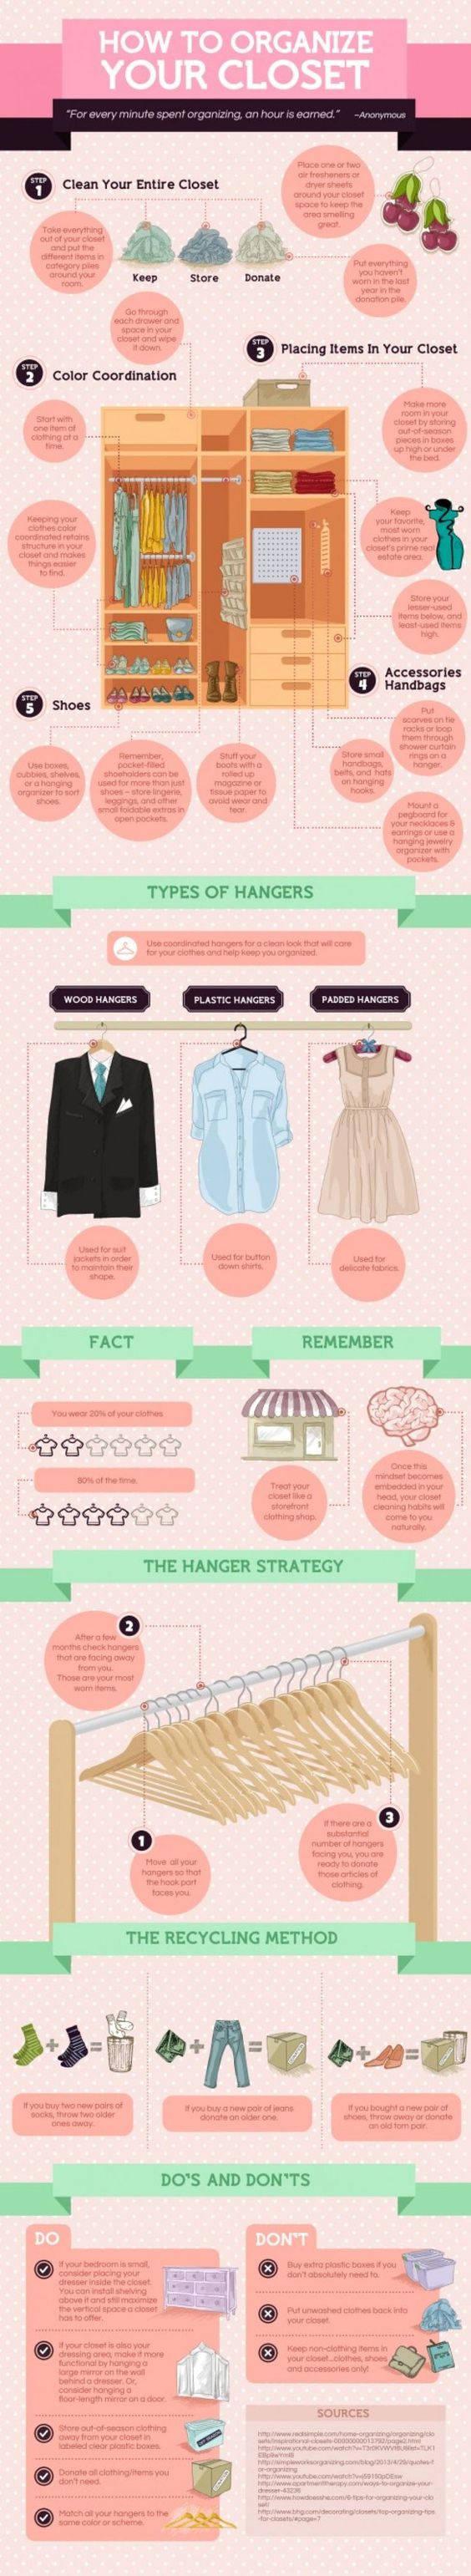 organizar tu guardarropa sin complicación infografía